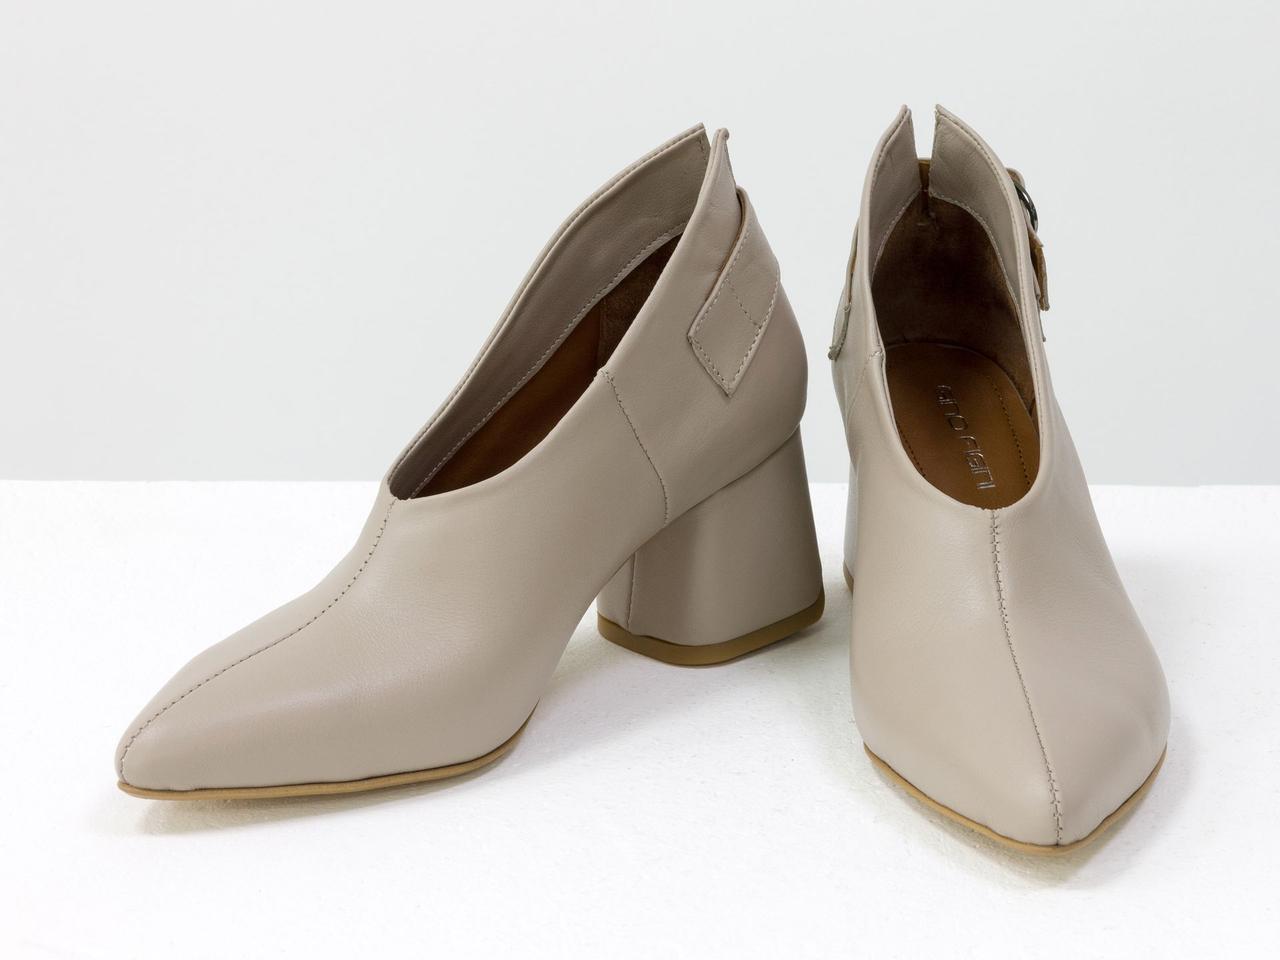 Туфли бежевые женские кожаные закрытые на среднем каблуке с пряжкой